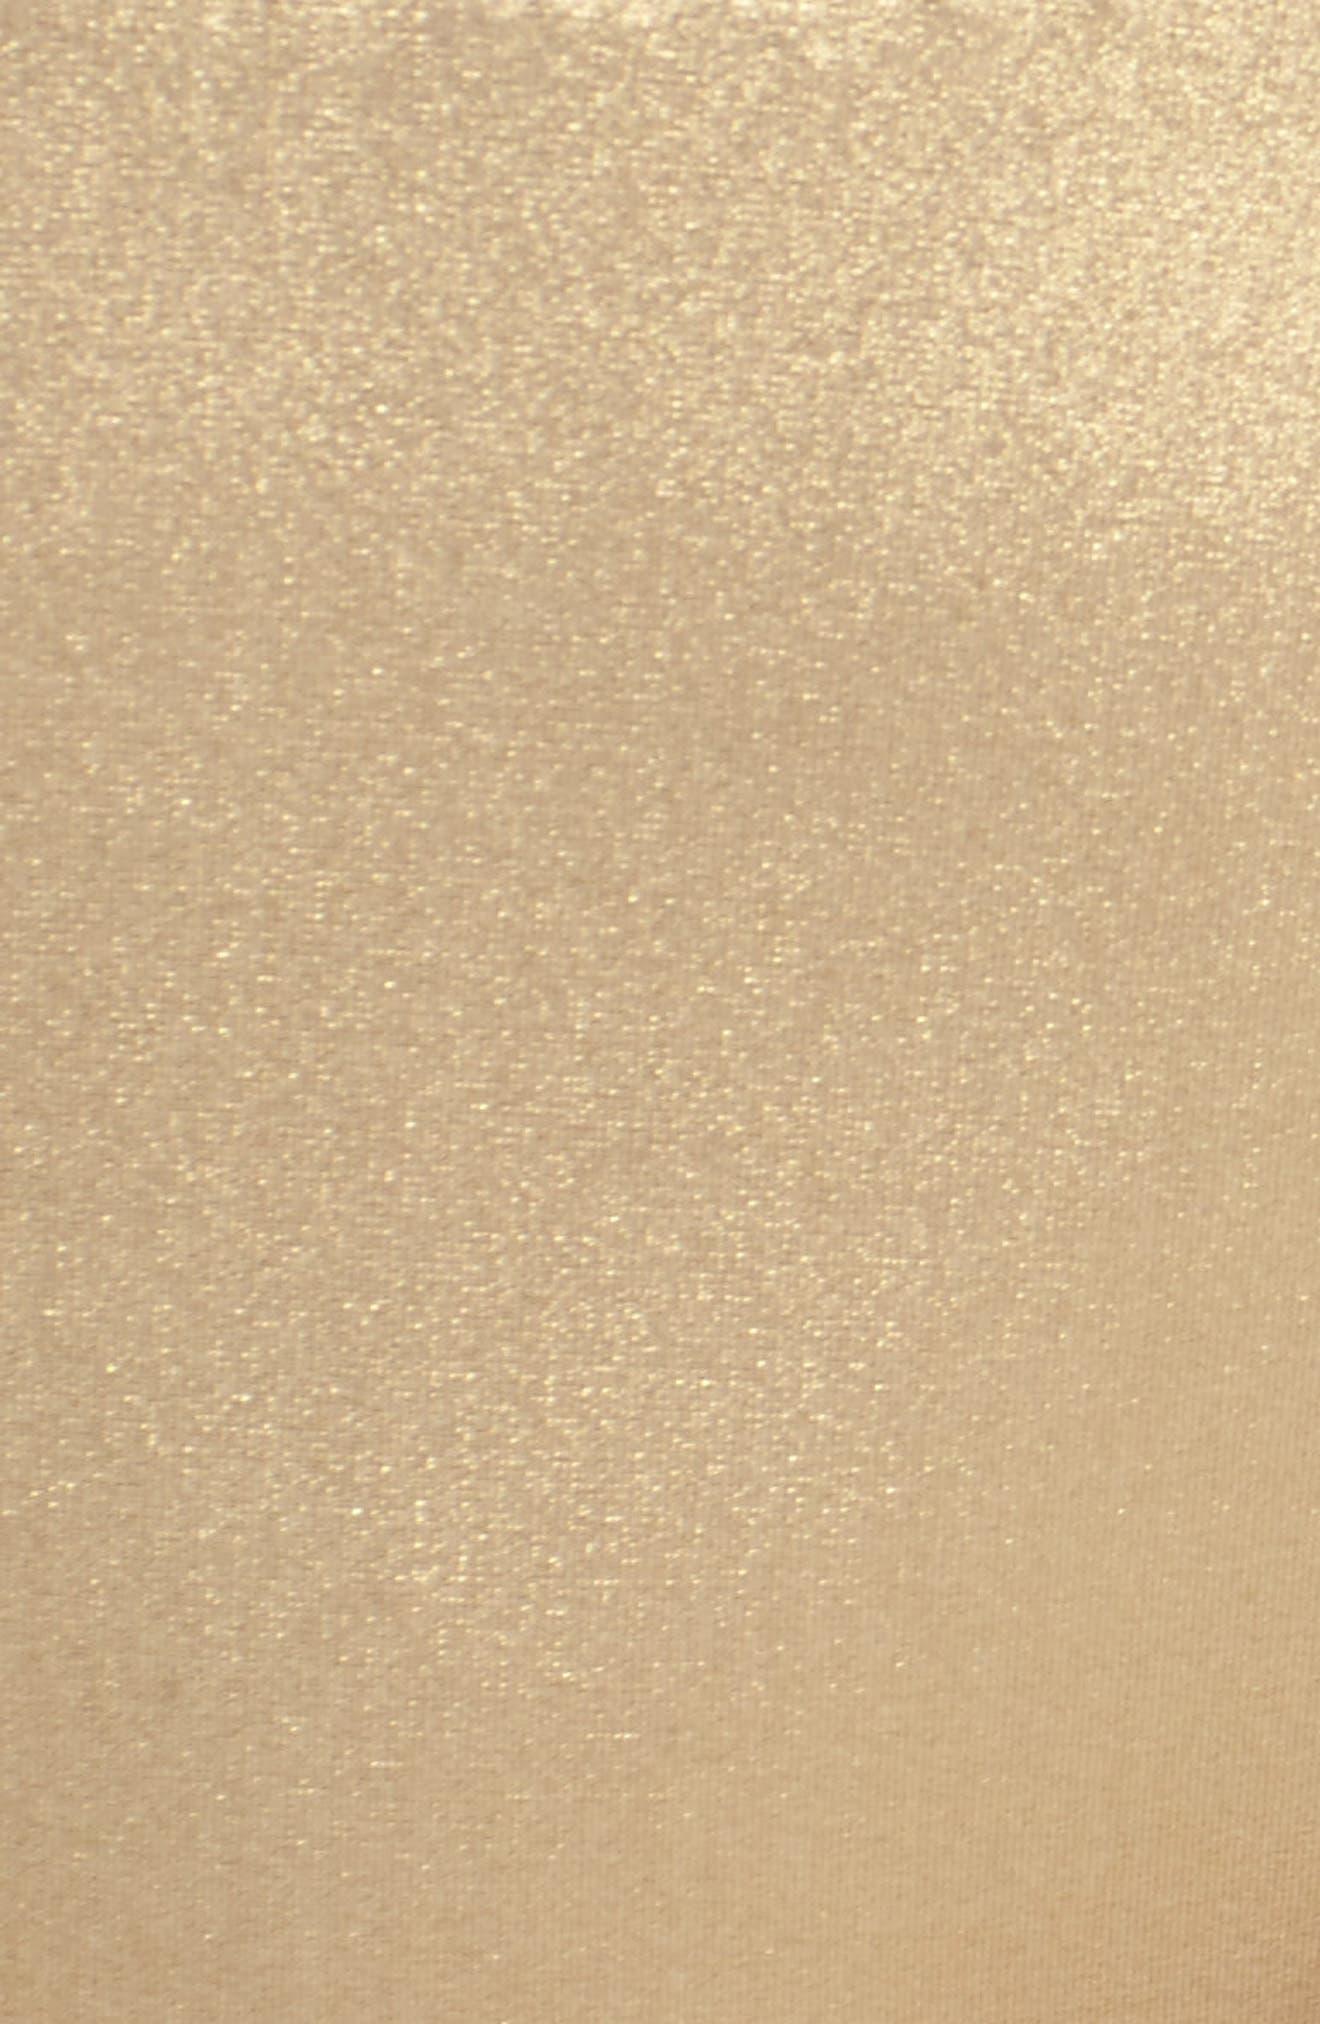 Golden Medallion Bikini Bottoms,                             Alternate thumbnail 5, color,                             Gold